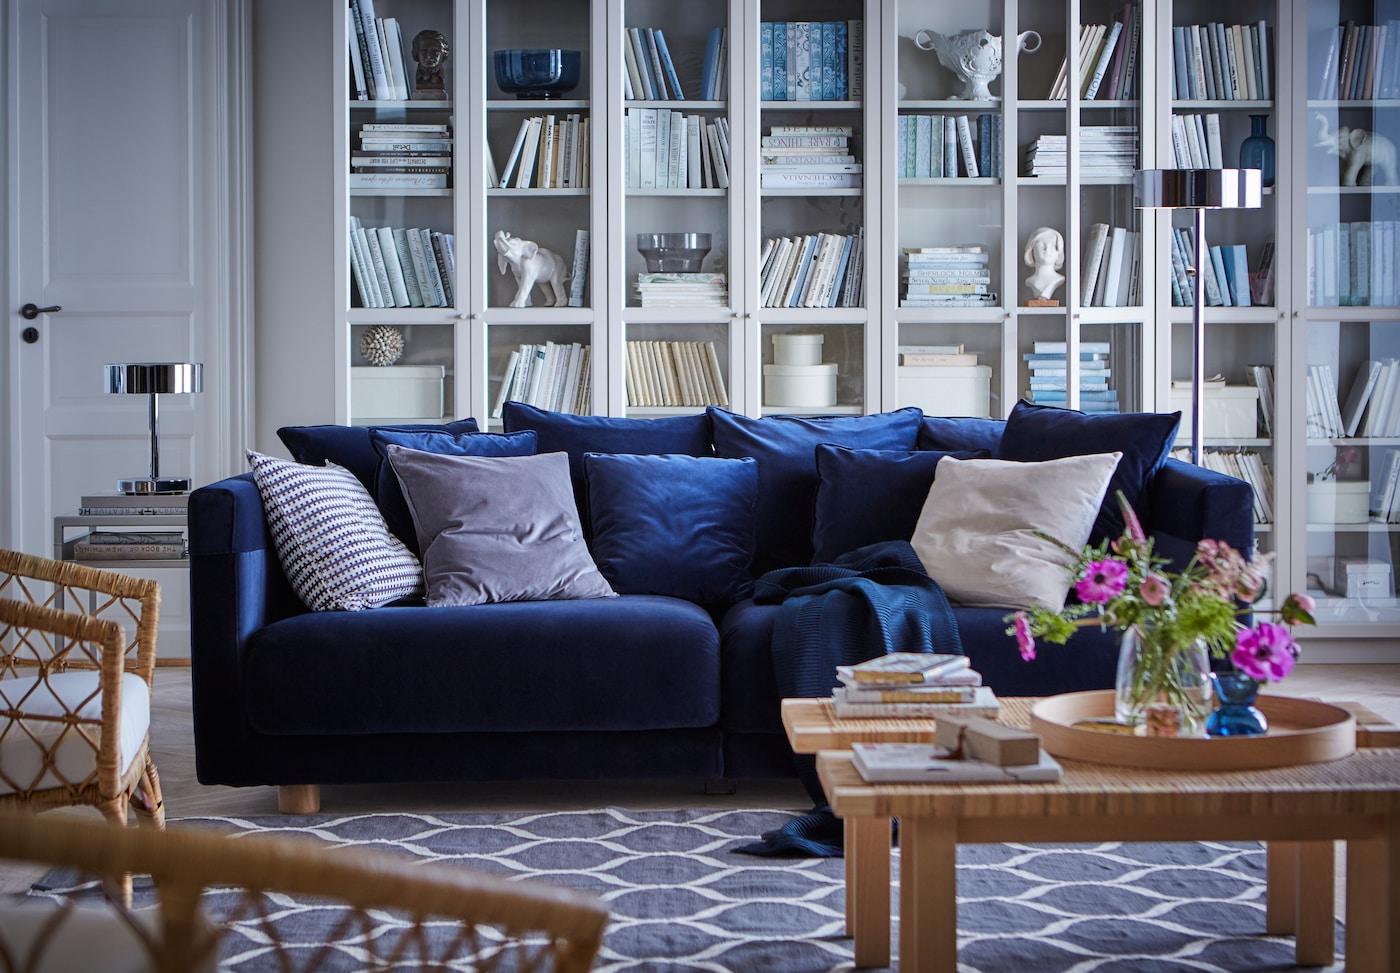 Un salón con estilo escandinavo moderno de IKEA con un sofá azul oscuro, una librería blanca al fondo y una mesa y sillas de maderas claras con una lámparas en metal.